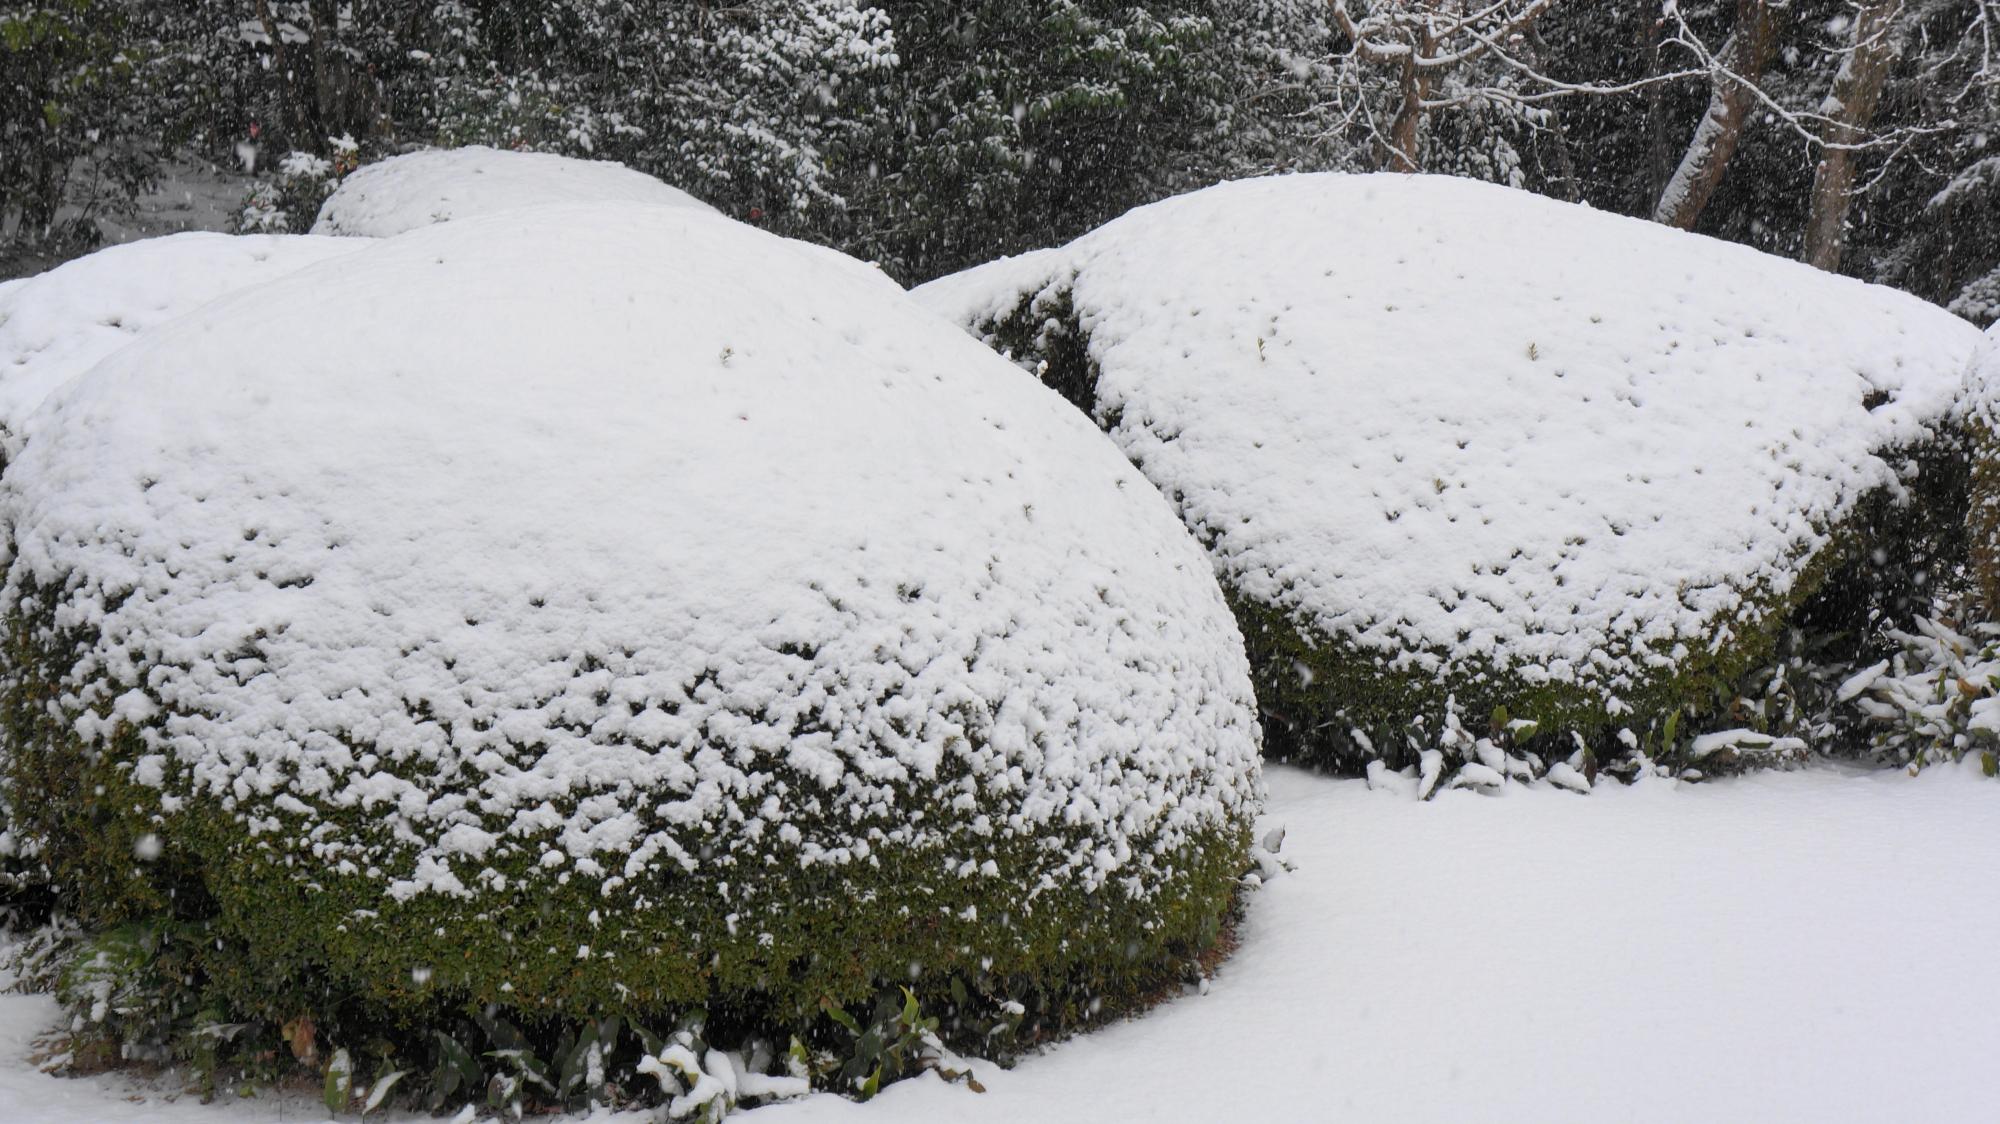 何となく優しく柔らかい雪景色